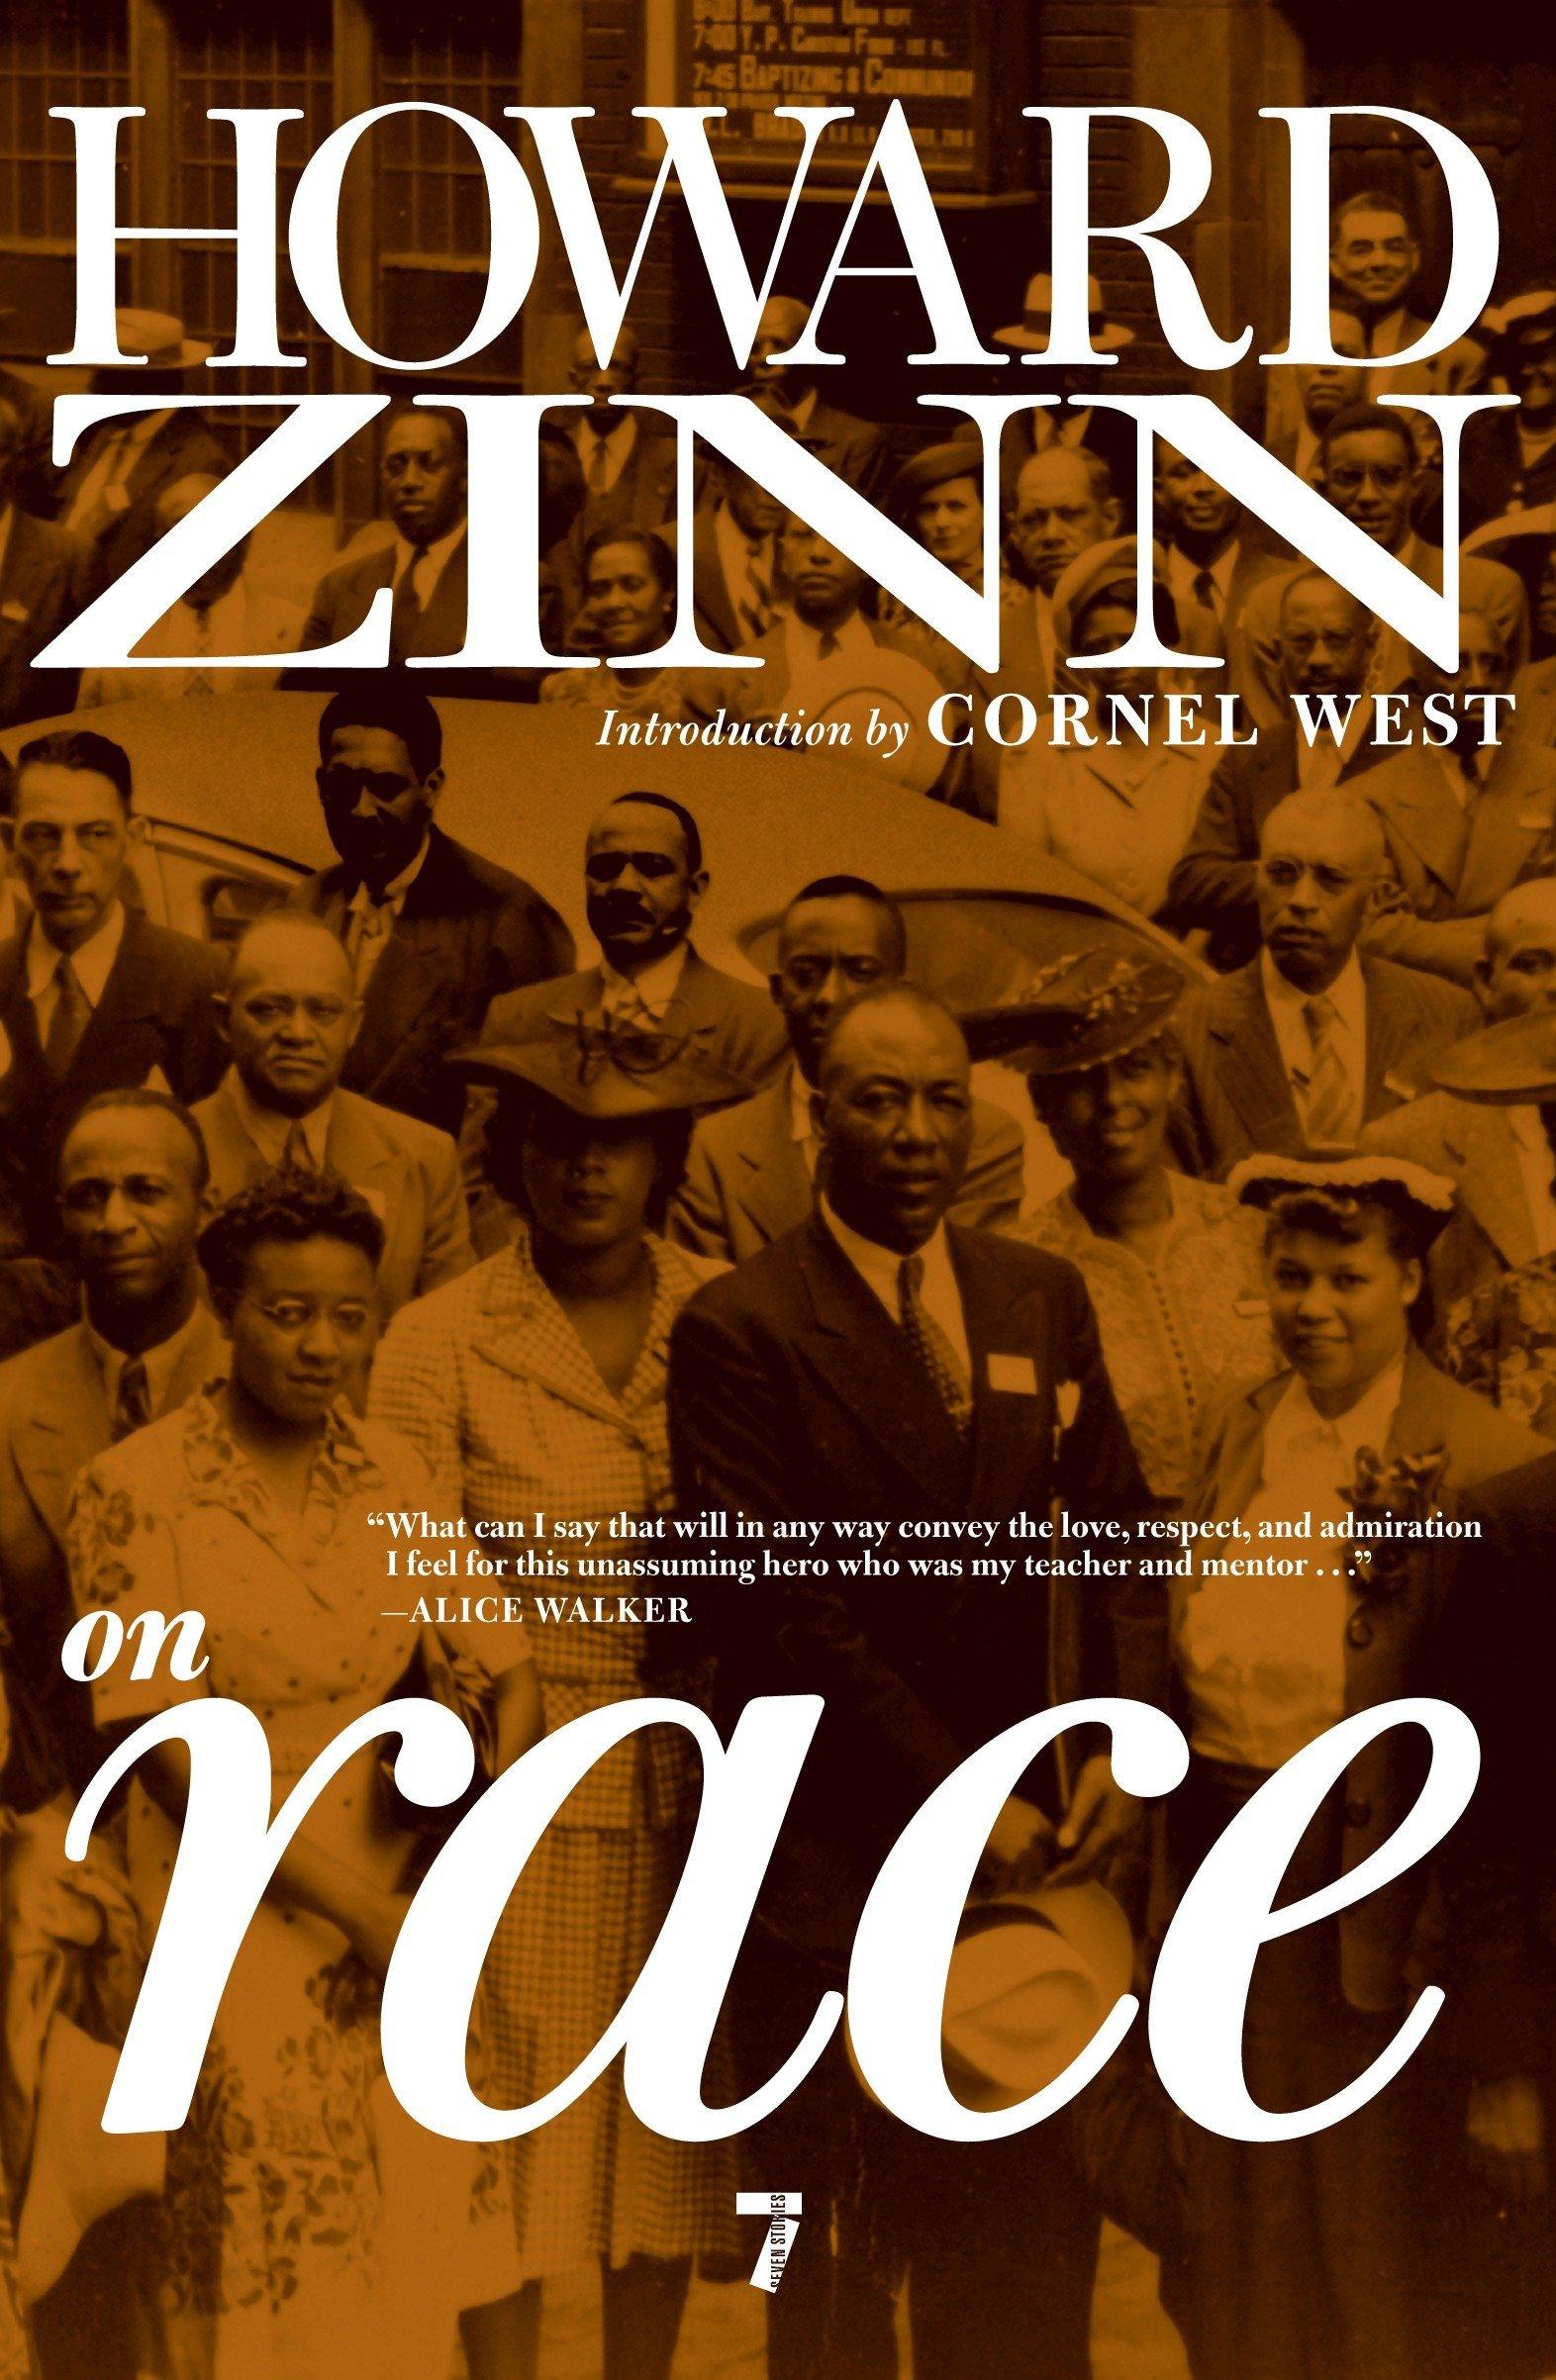 The zinn reader pdf free download by jeff kinney